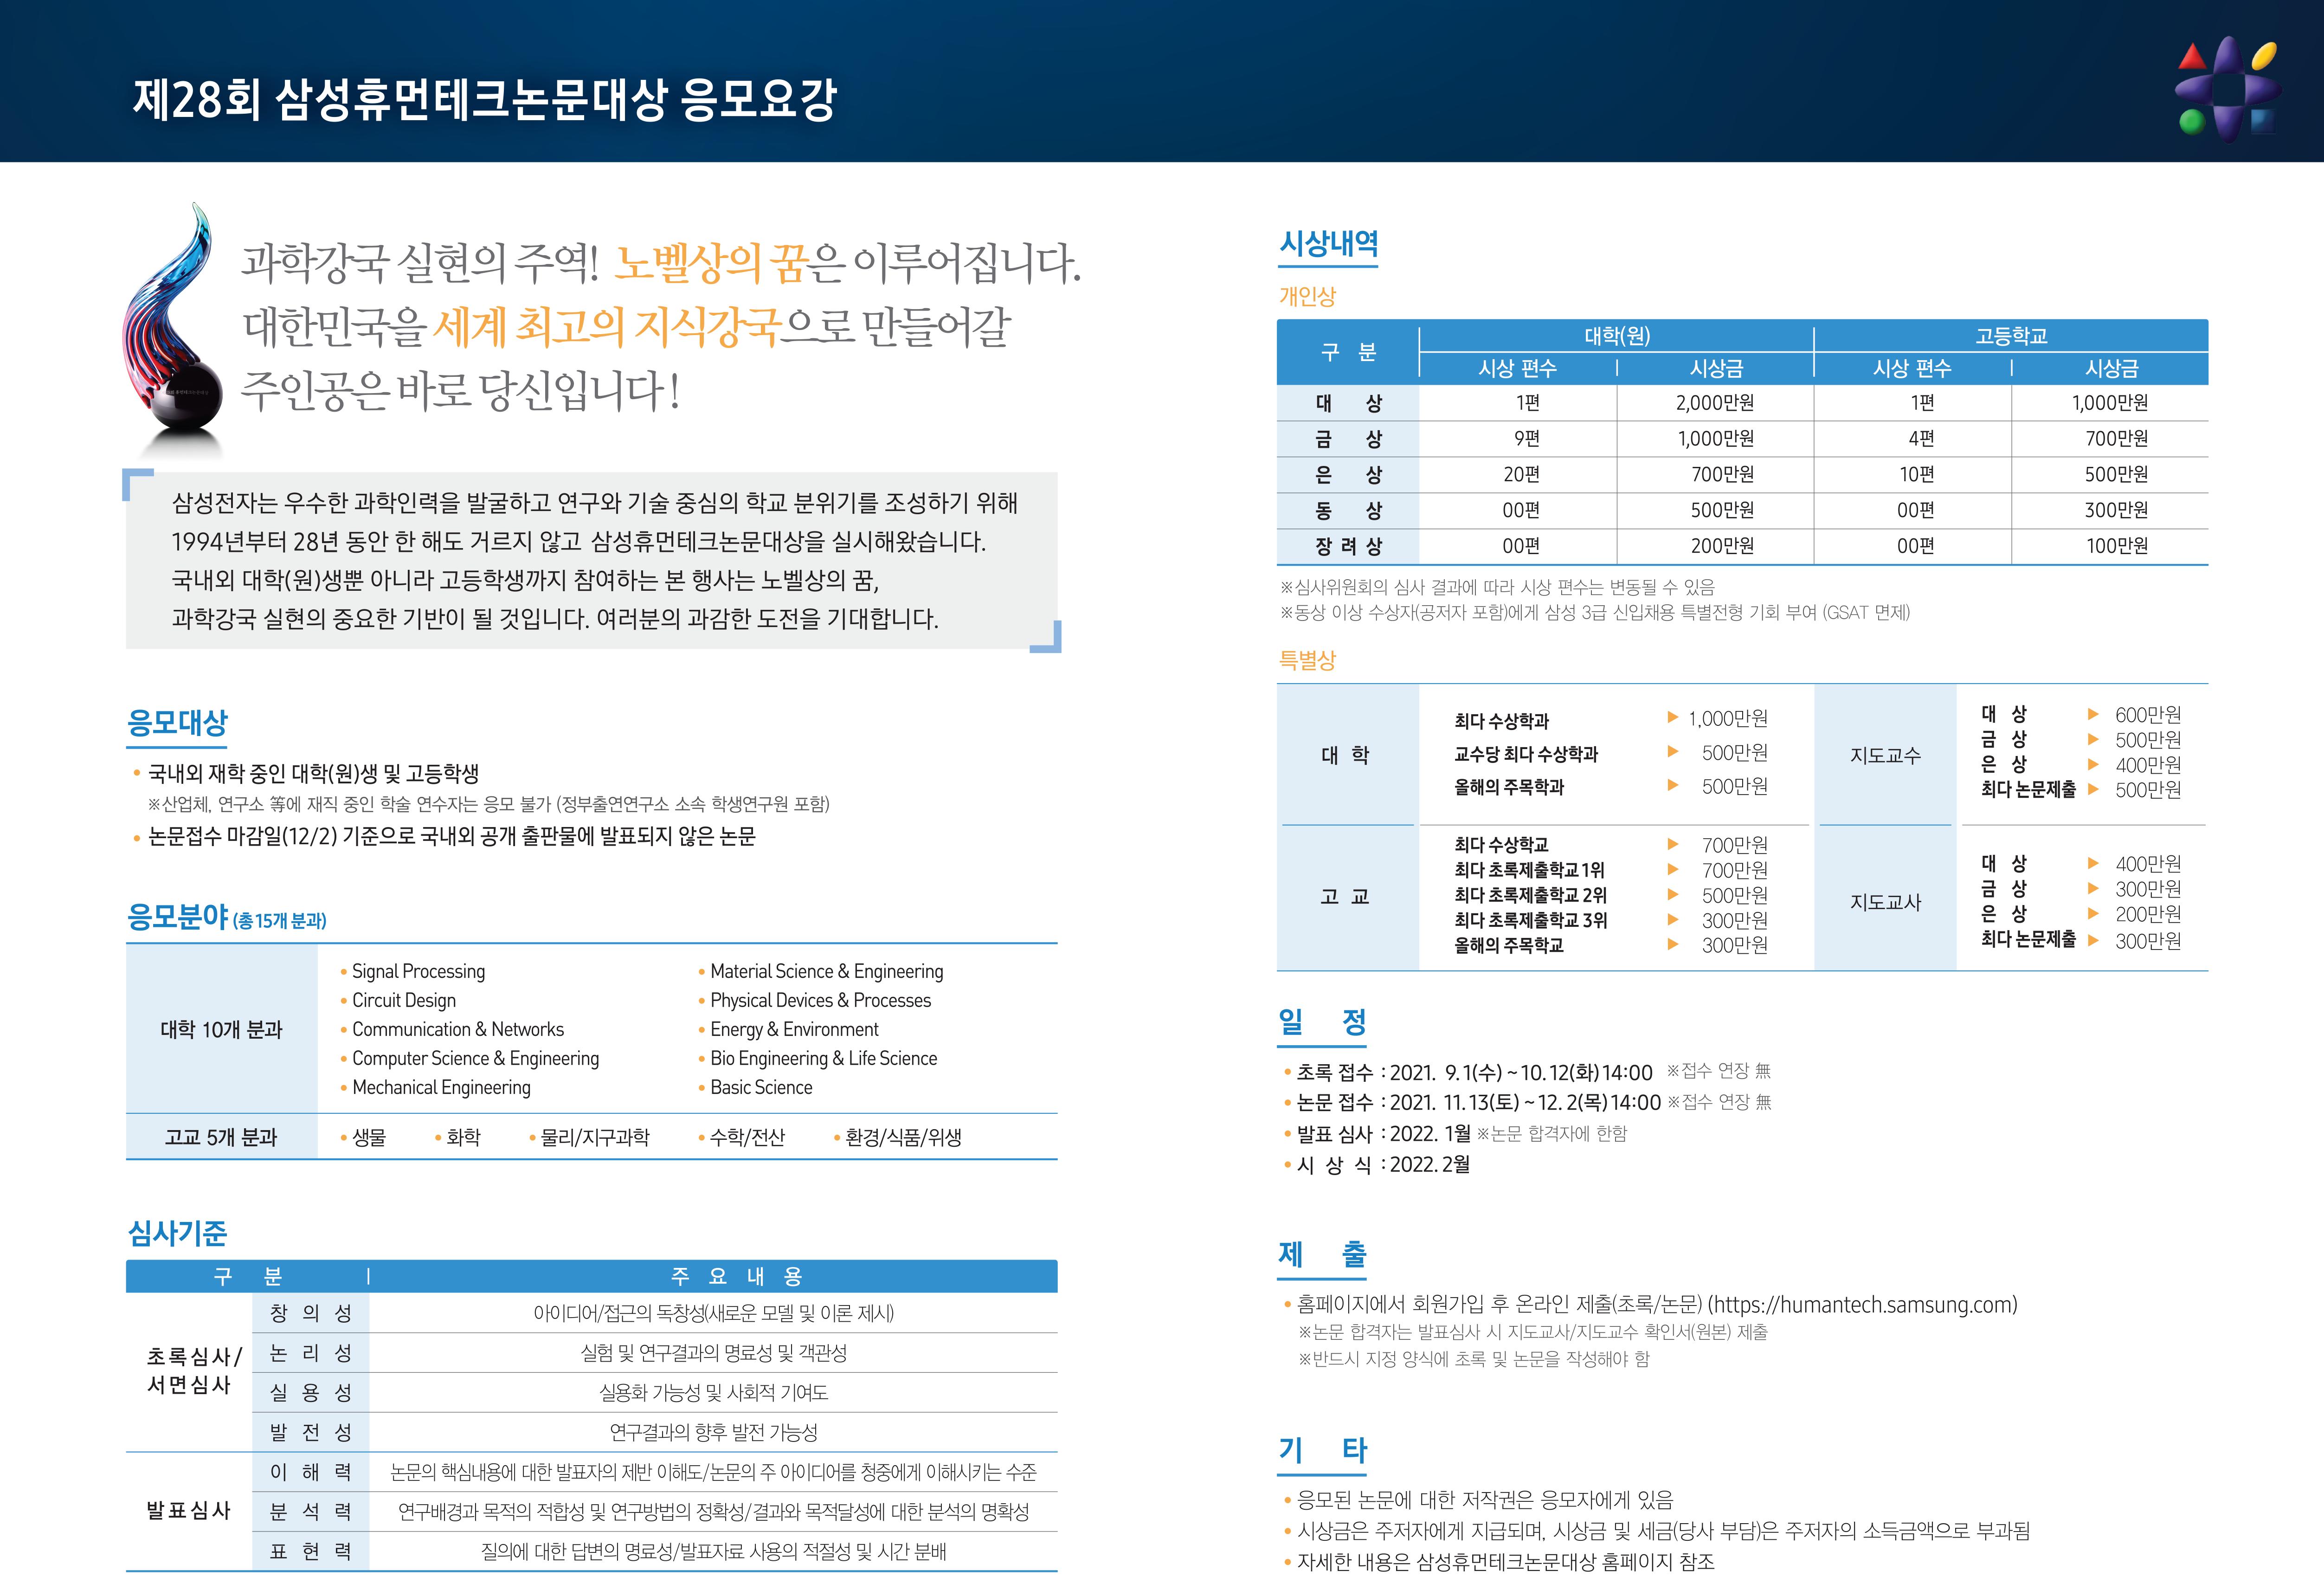 제28회 삼성휴먼테크논문대상 응모 요강 (국문).png